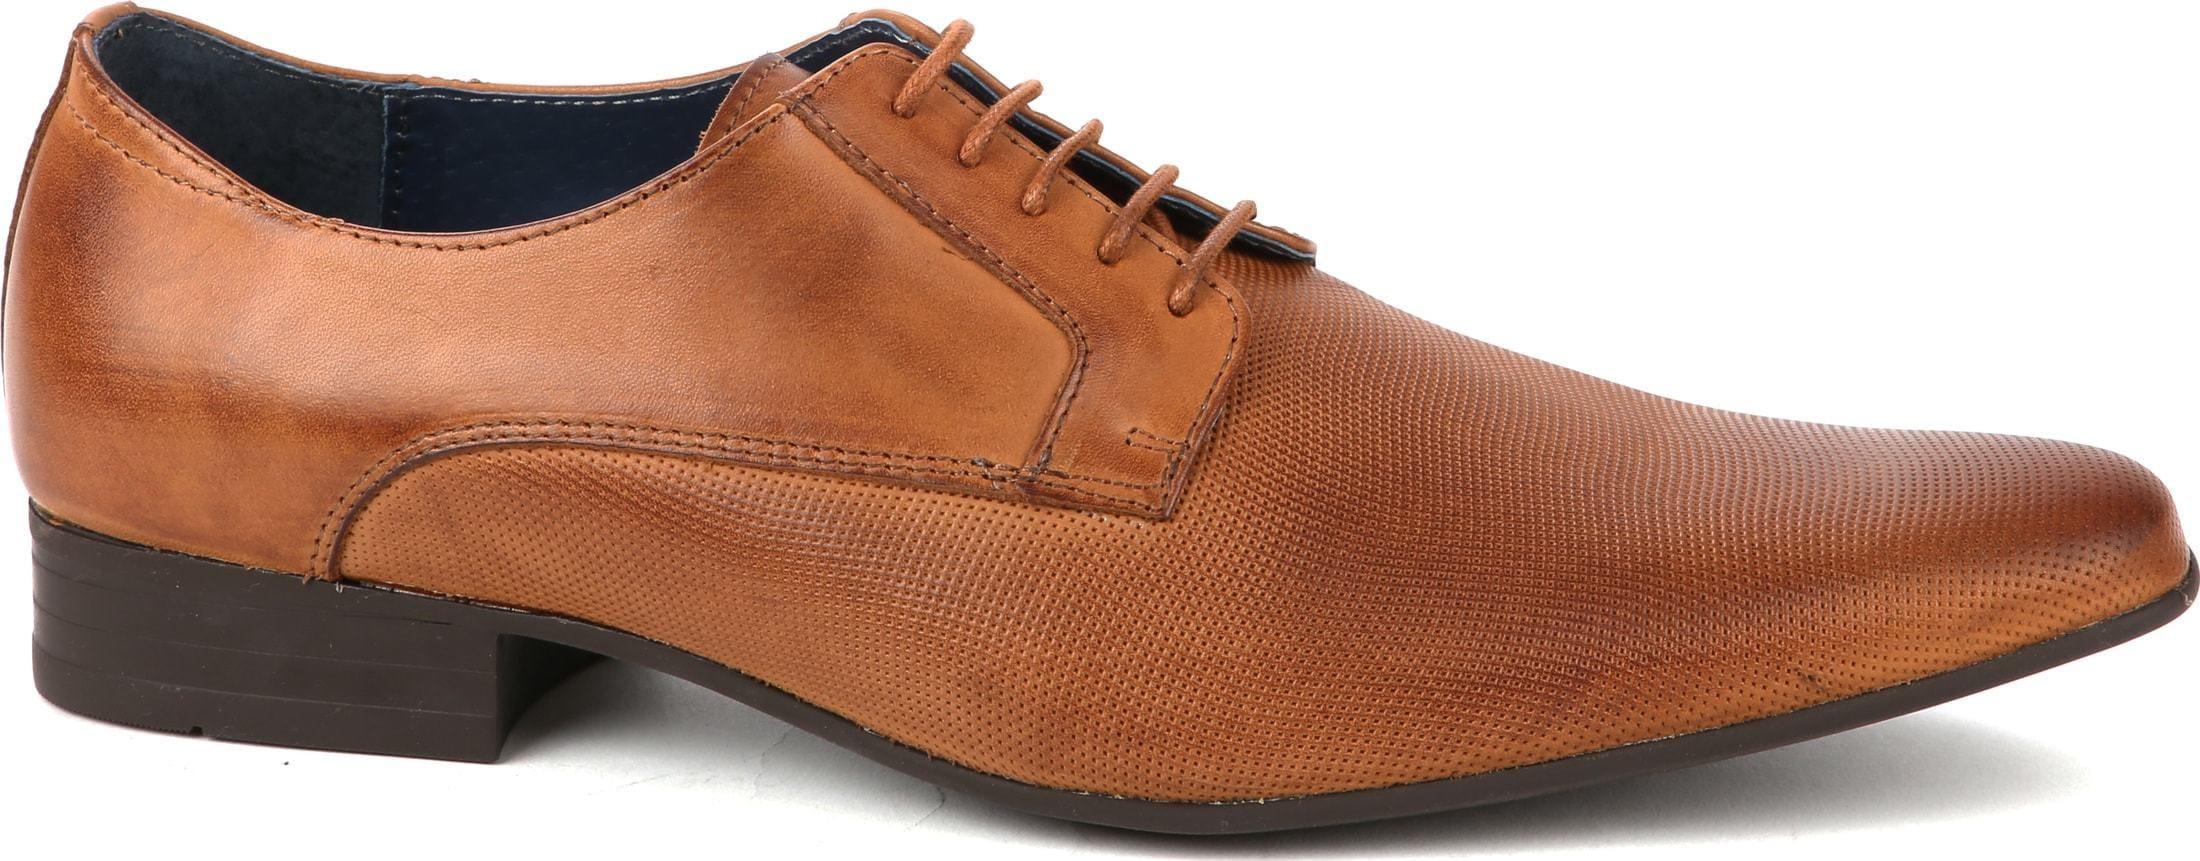 Suitable Dress Shoes Derby Cognac foto 0